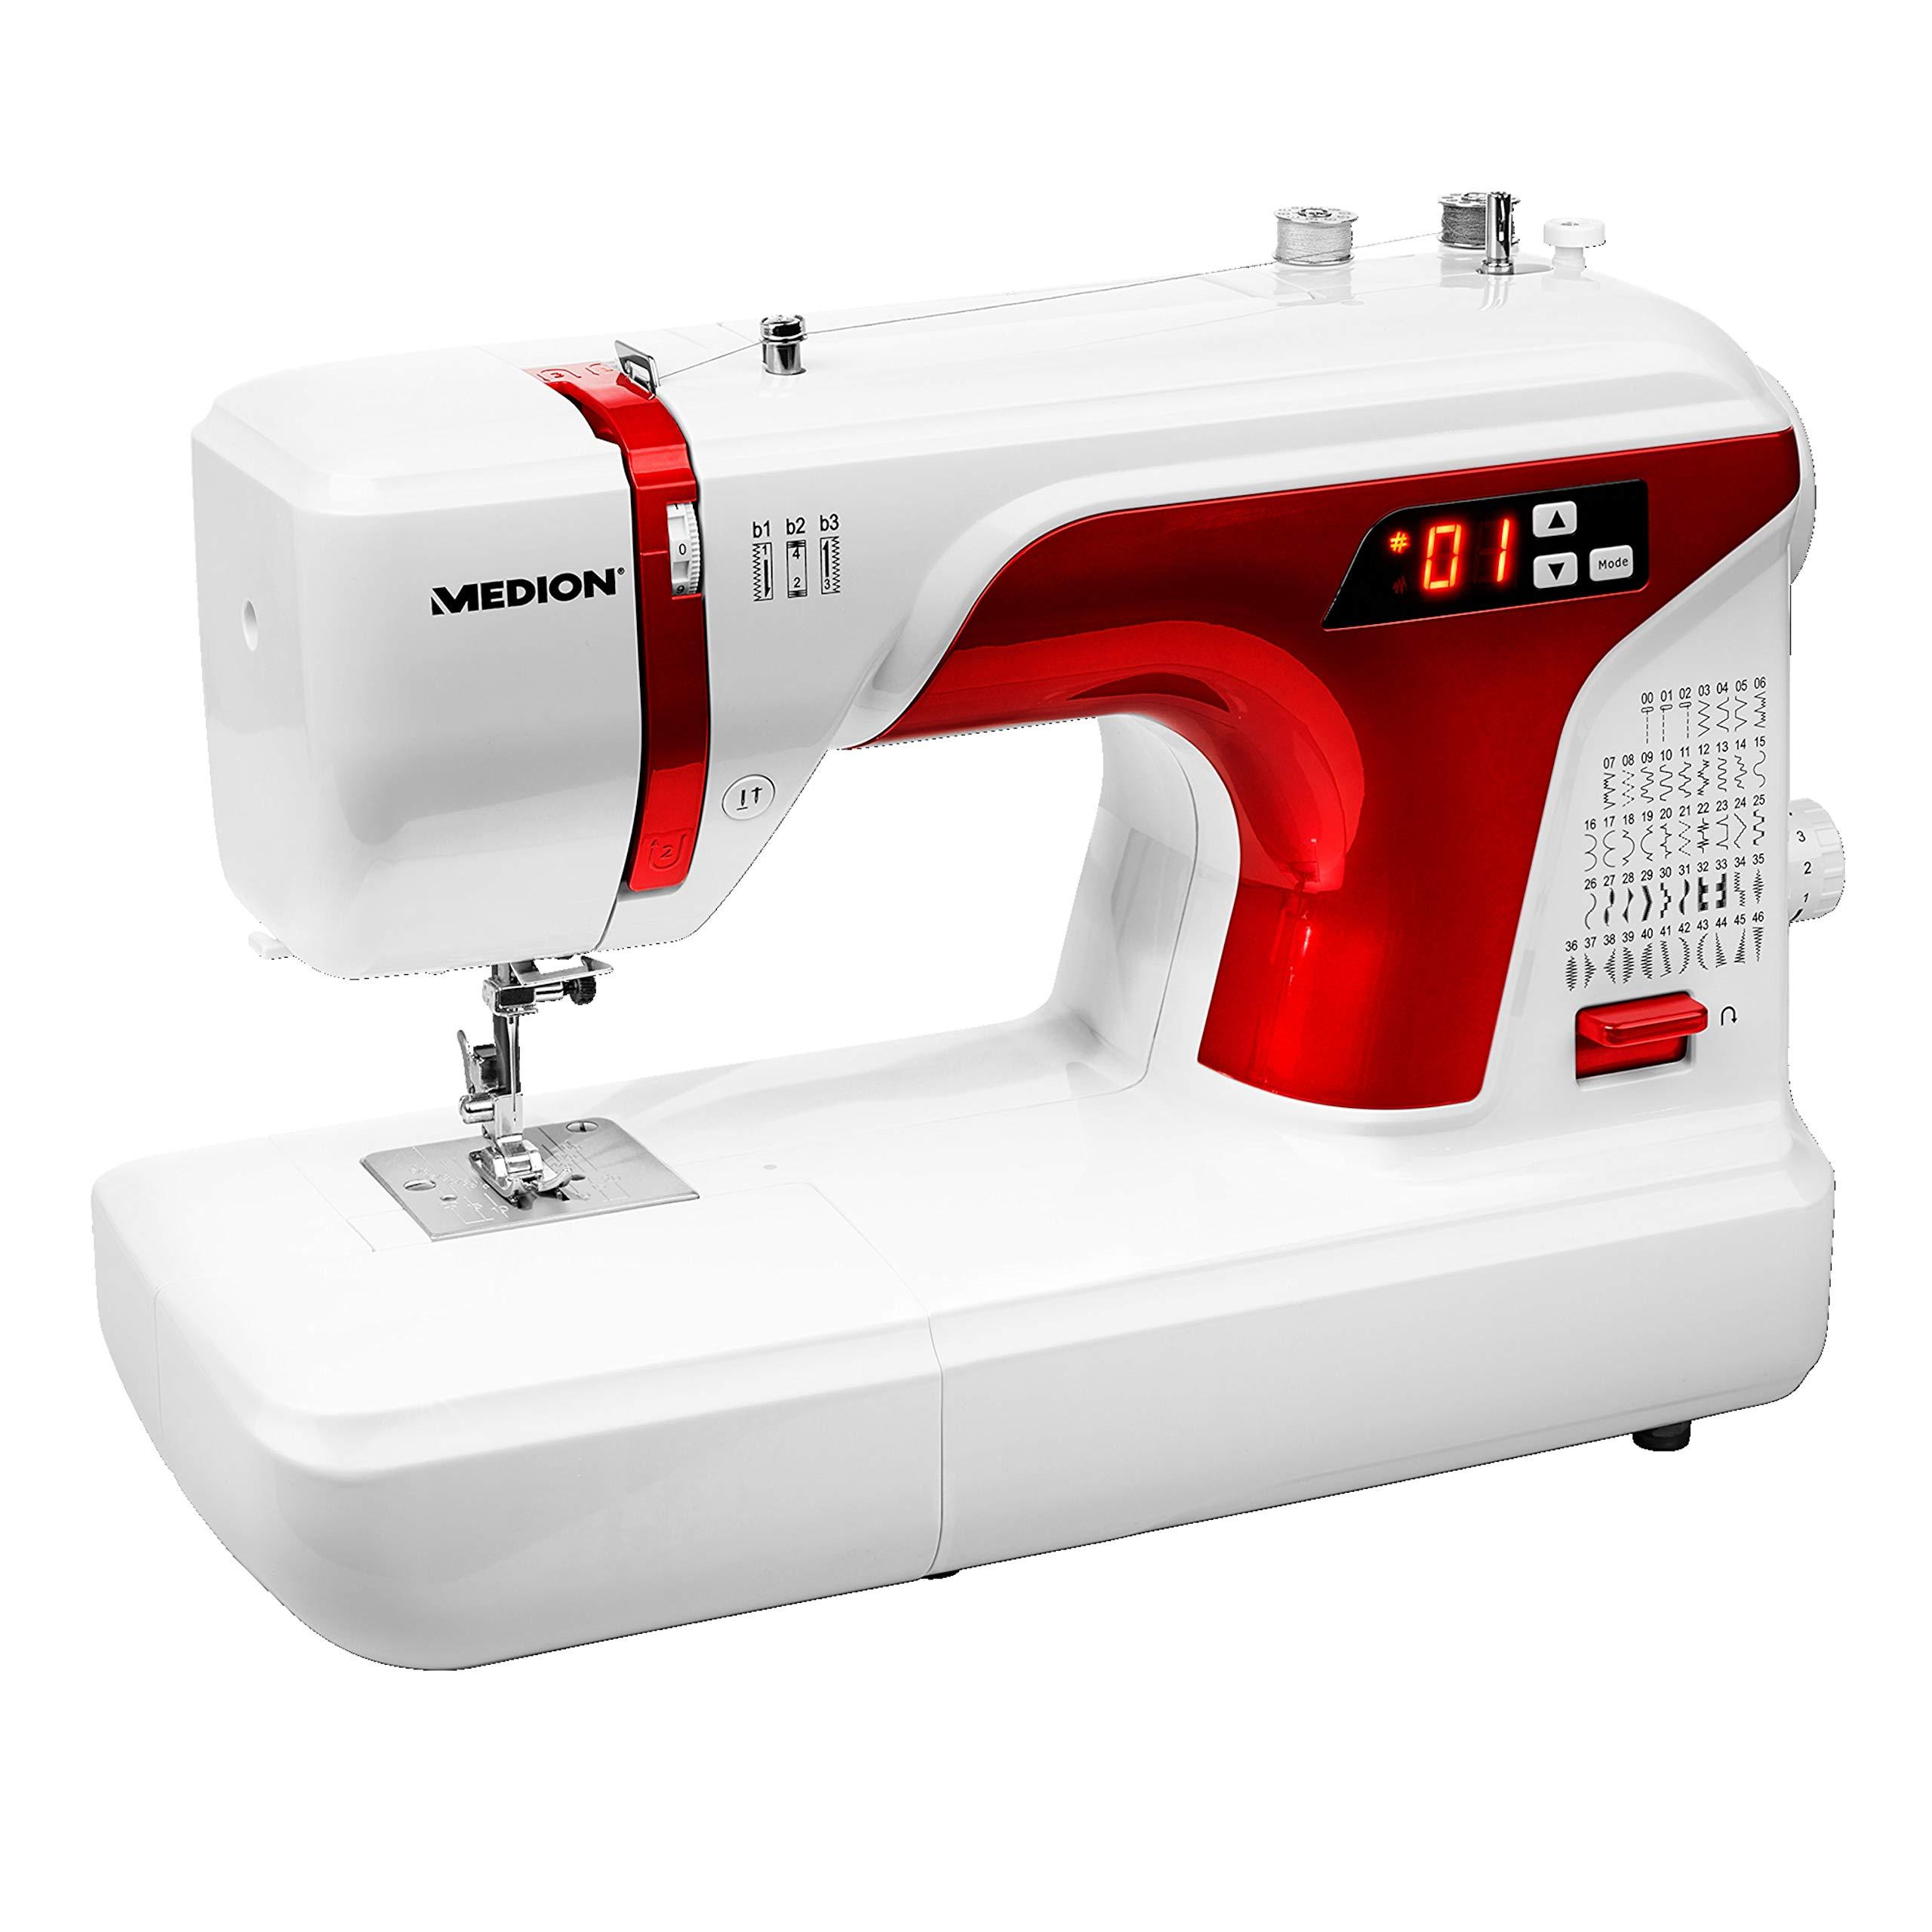 MEDION MD 16661 - Máquina de coser digital, ojal automático, 40 vatios, pantalla LED, 50 patrones de puntada diferentes, luz de costura LED, accesorios extensos, Blanco: Amazon.es: Hogar